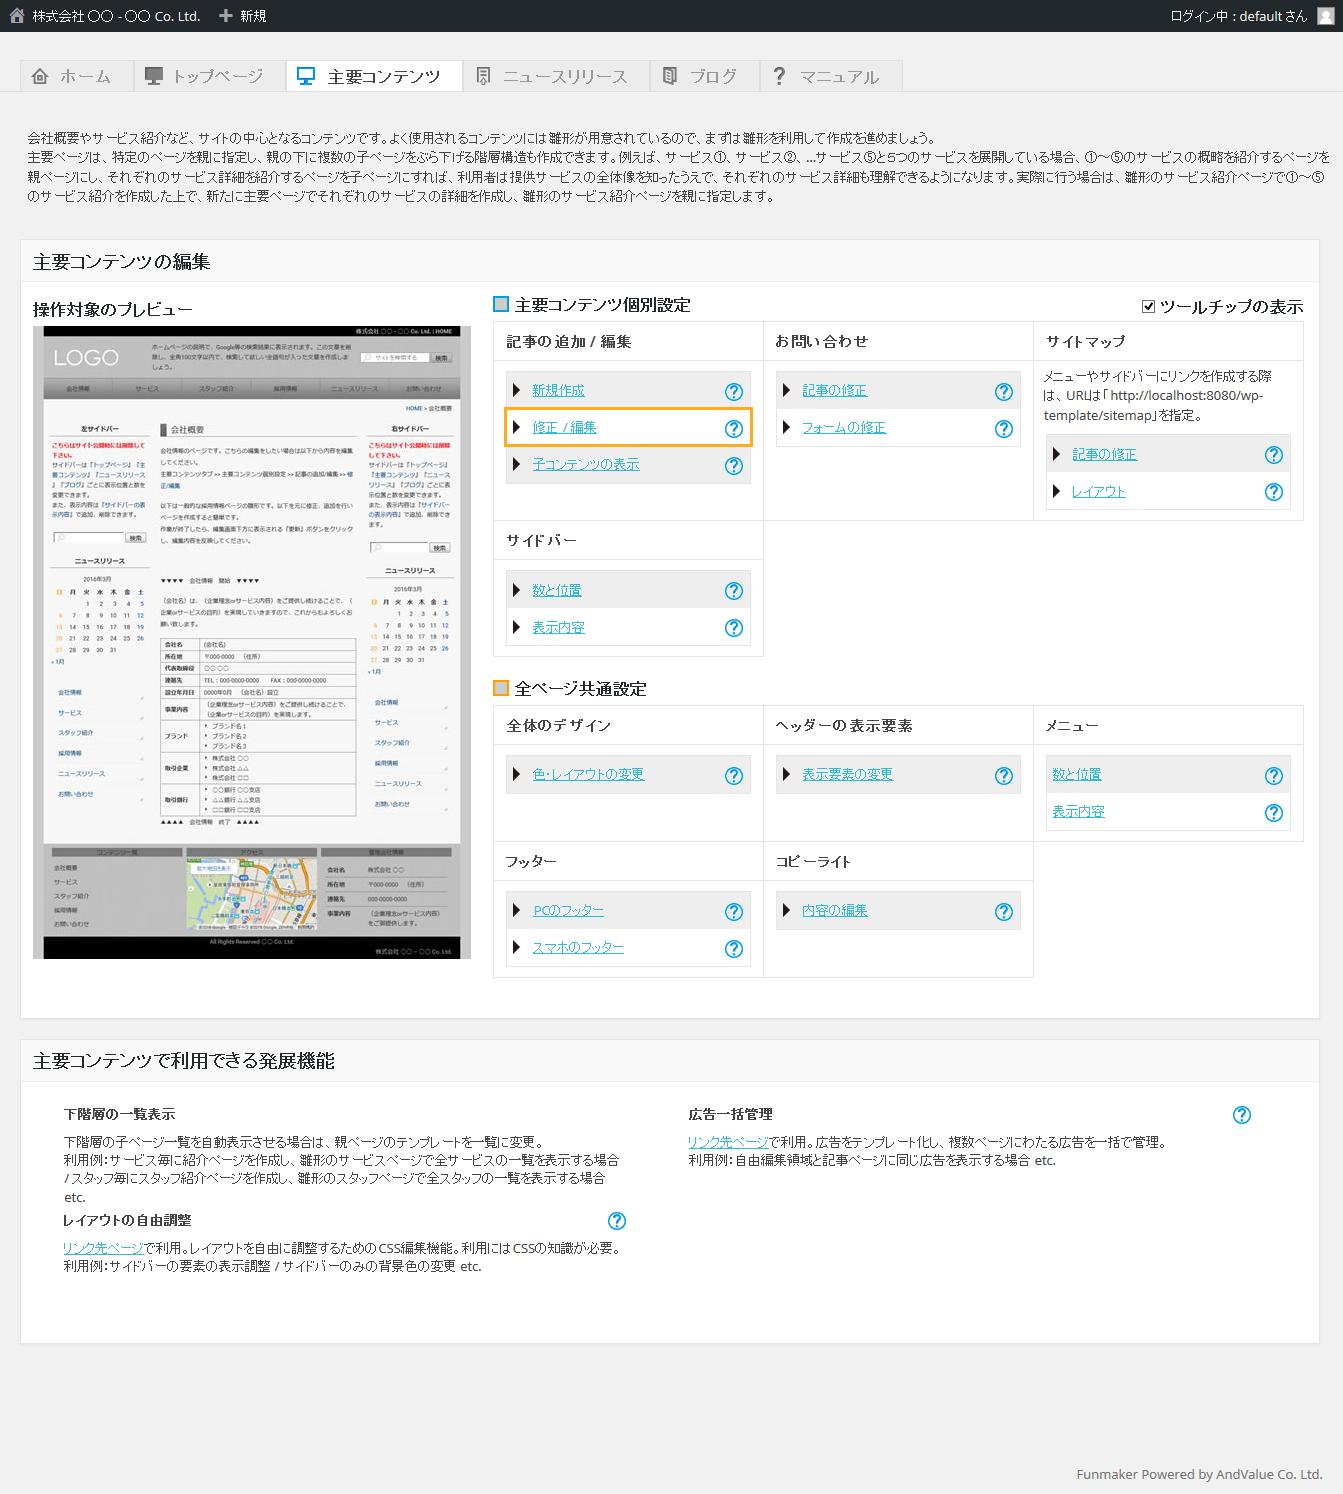 主要コンテンツの編集 - 簡単格安ホームページ作成会社 -FunMaker